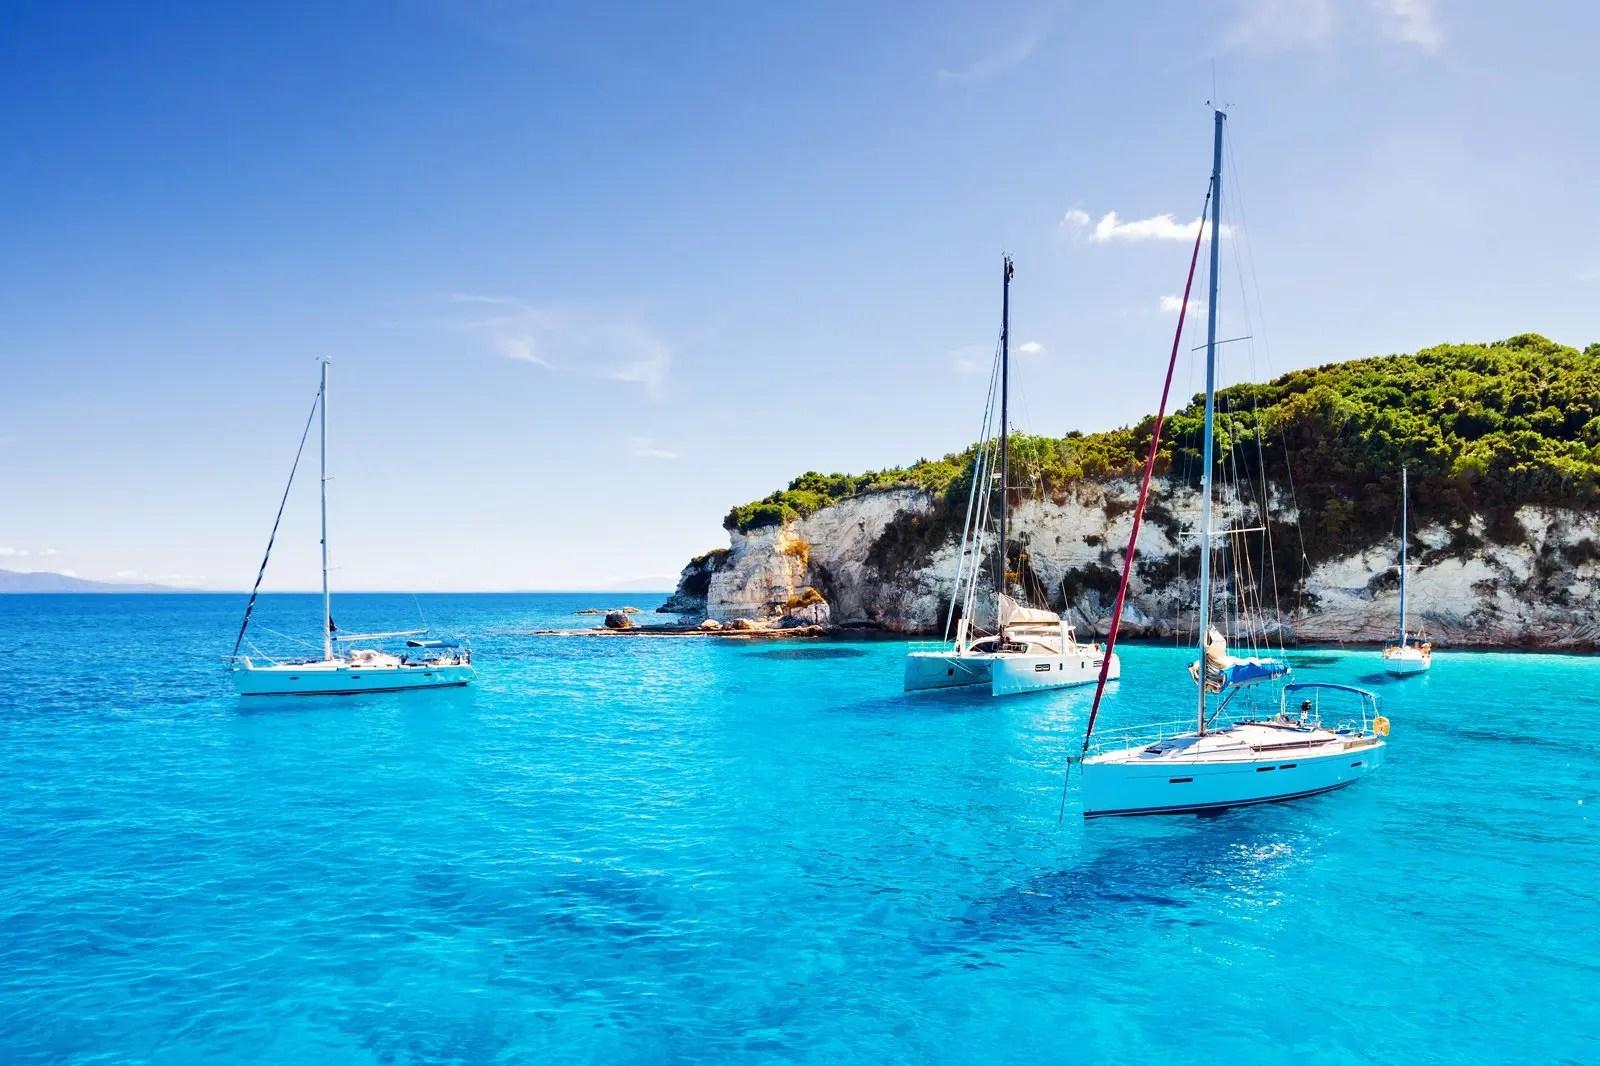 La Croazia in barca a vela, attraversando l'Adriatico. Come scegliere